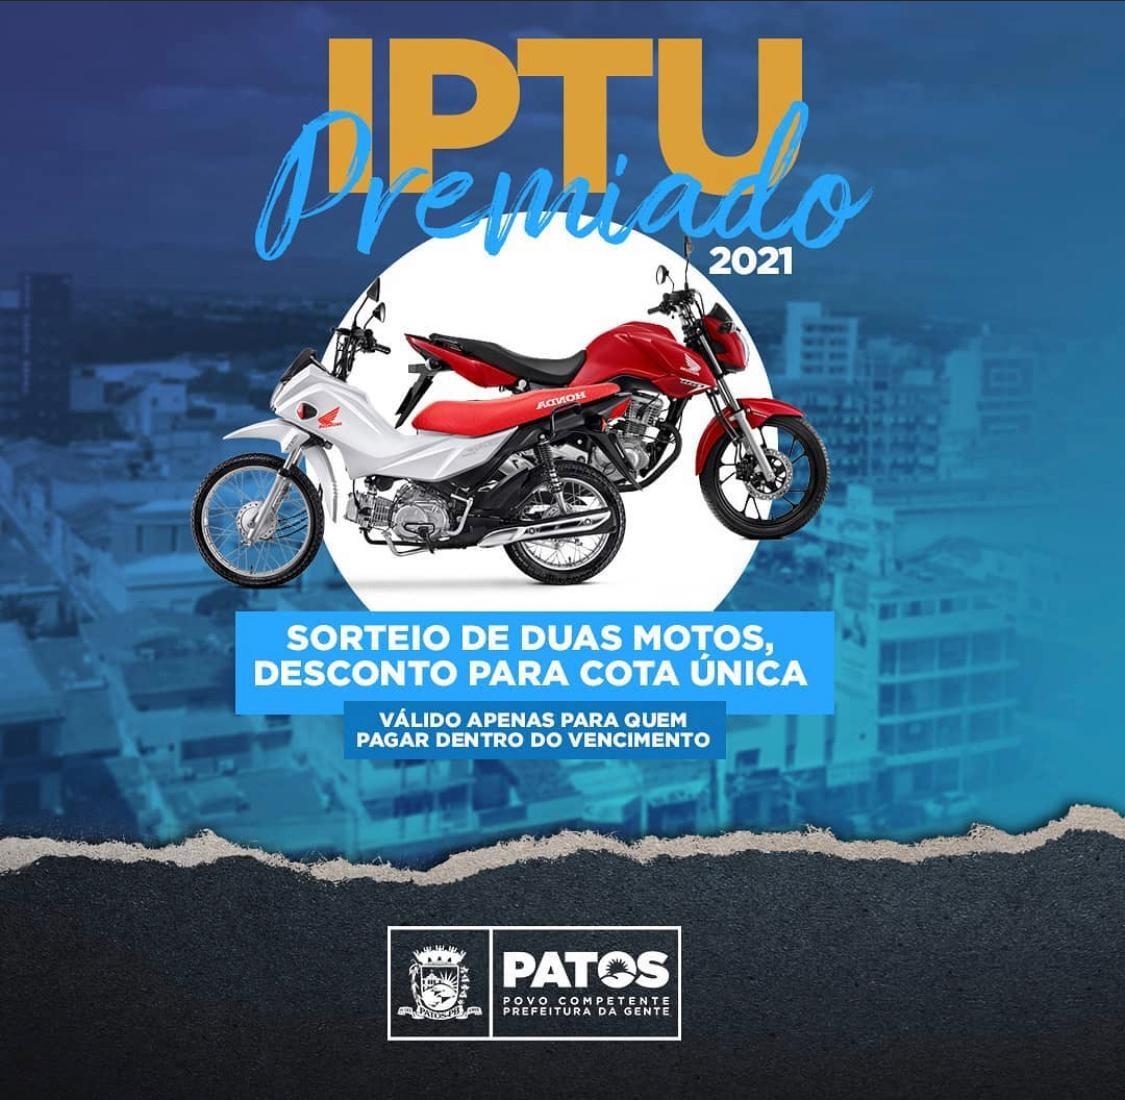 iptu patos - Prefeitura de Patos divulga que sorteios da campanha do IPTU premiado 2021 ocorrerão em junho e setembro